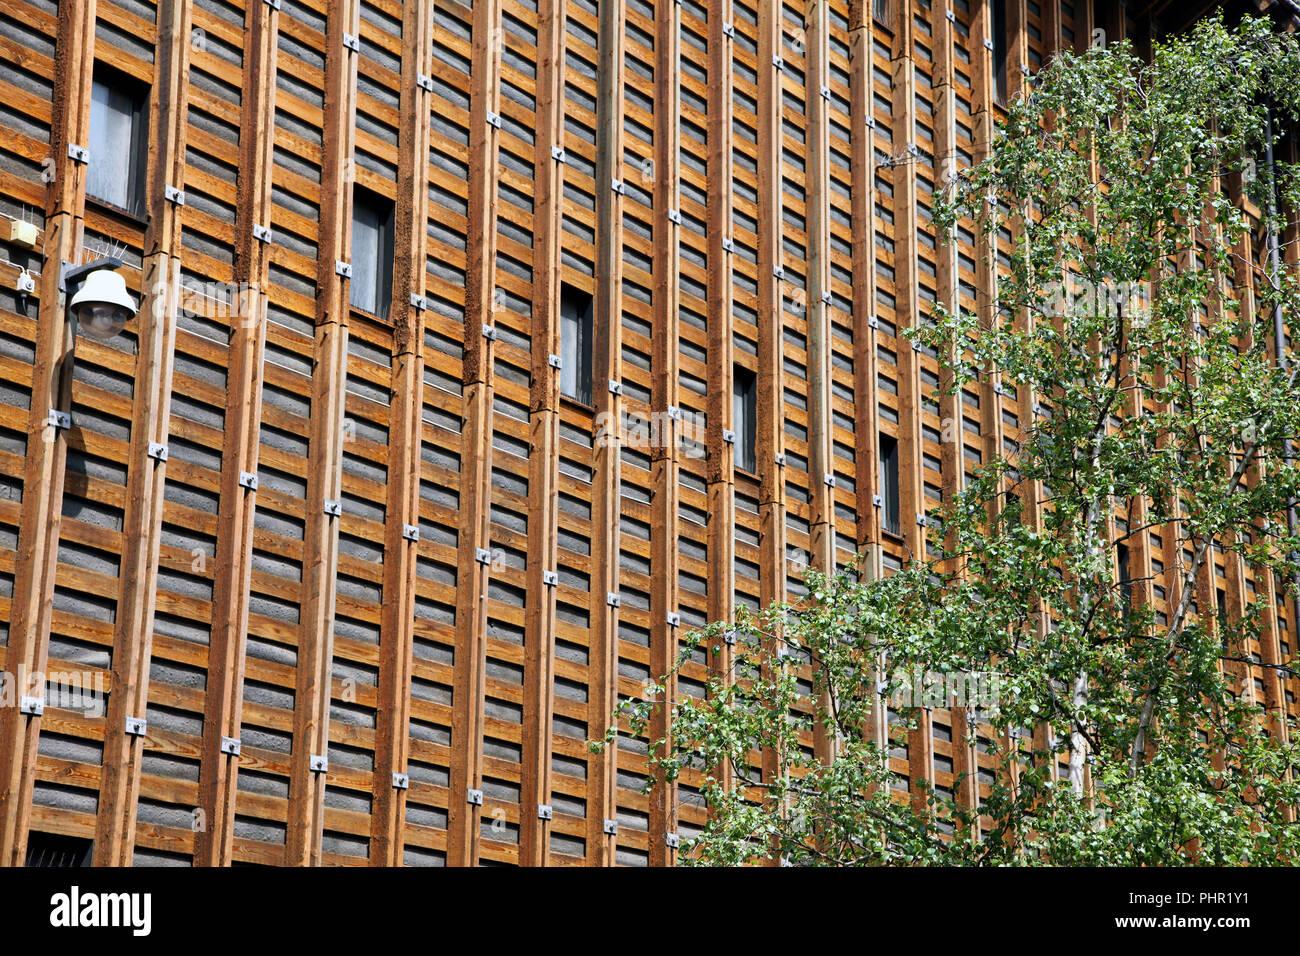 Building made of wood in Copenhagen - Stock Image